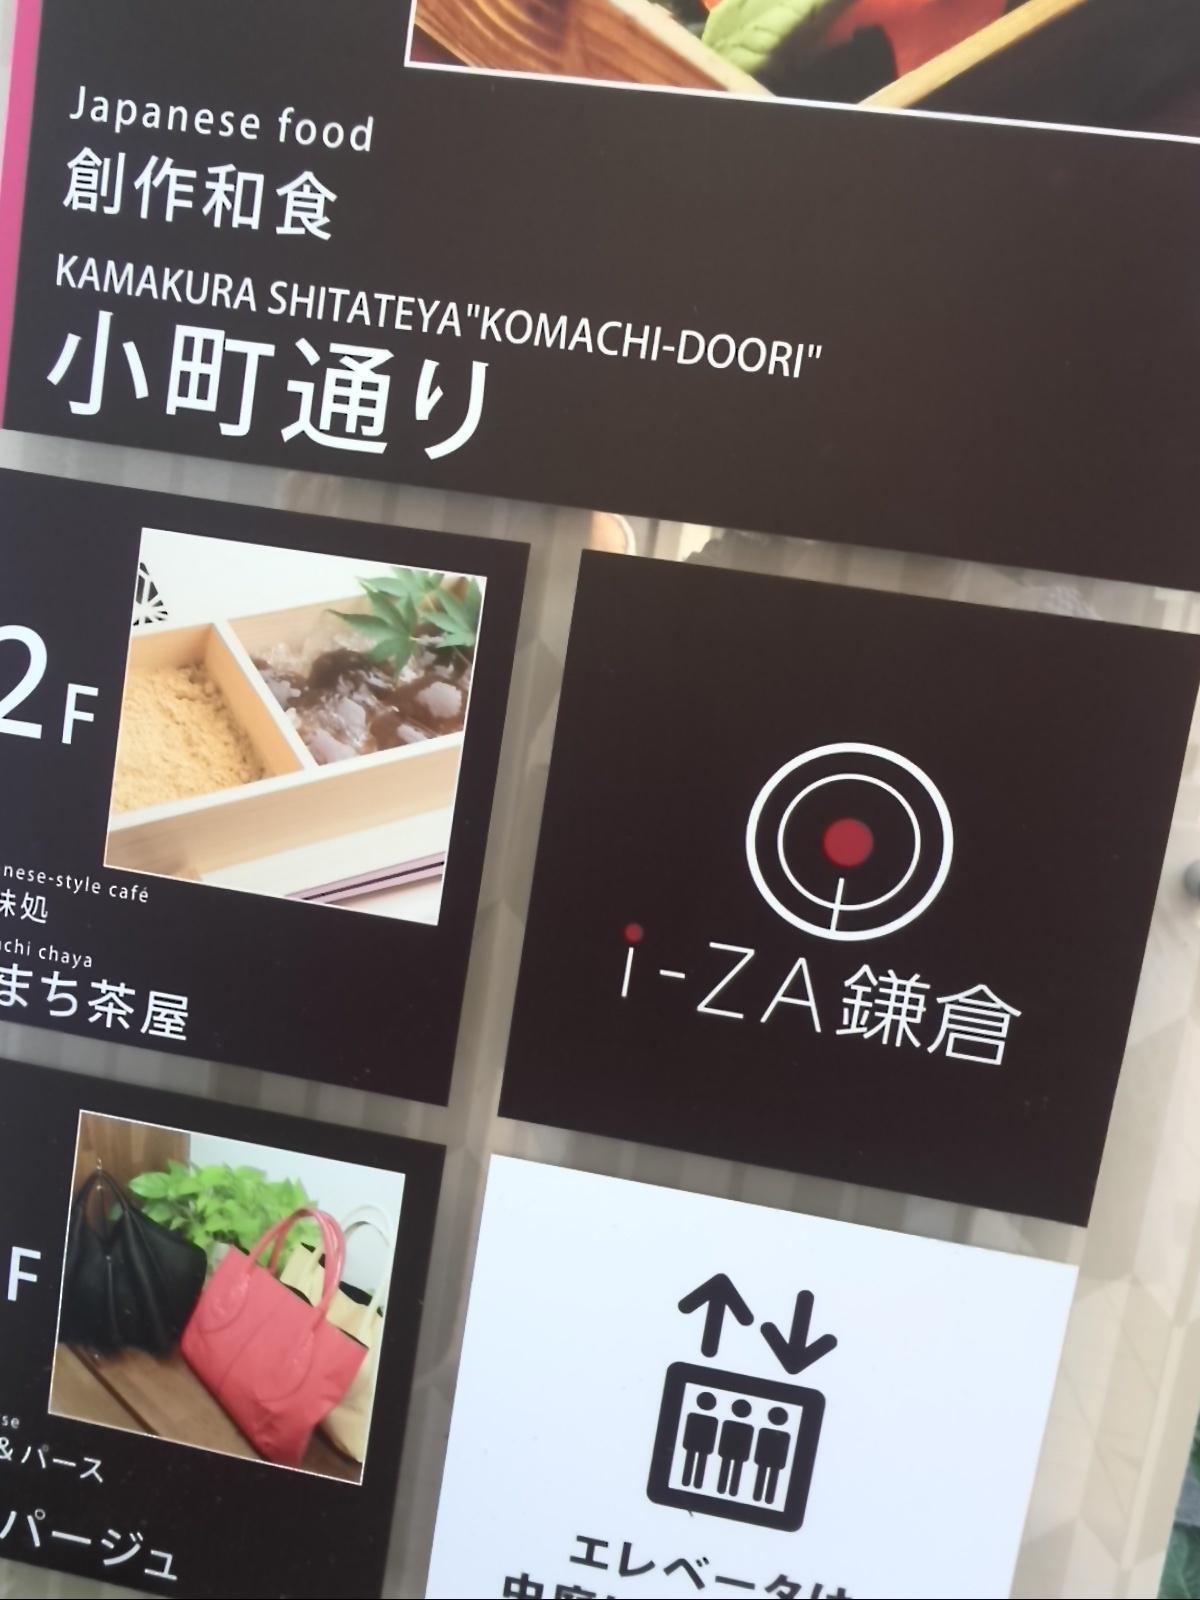 超マニアック!鎌倉散策レポート!?_f0340942_23155928.jpg